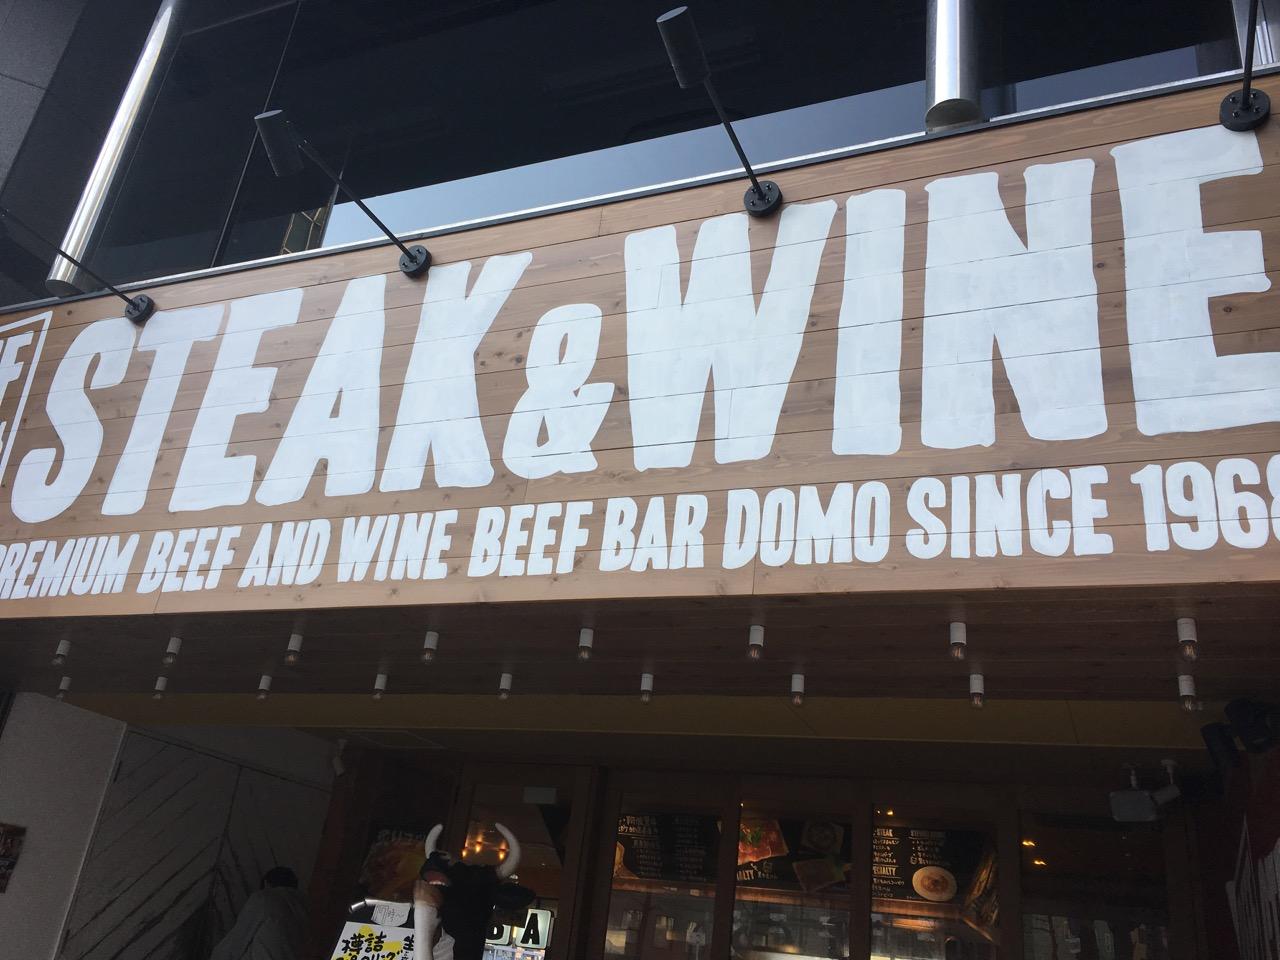 スパークリングワインが安い、肉バルDOMO北浜店